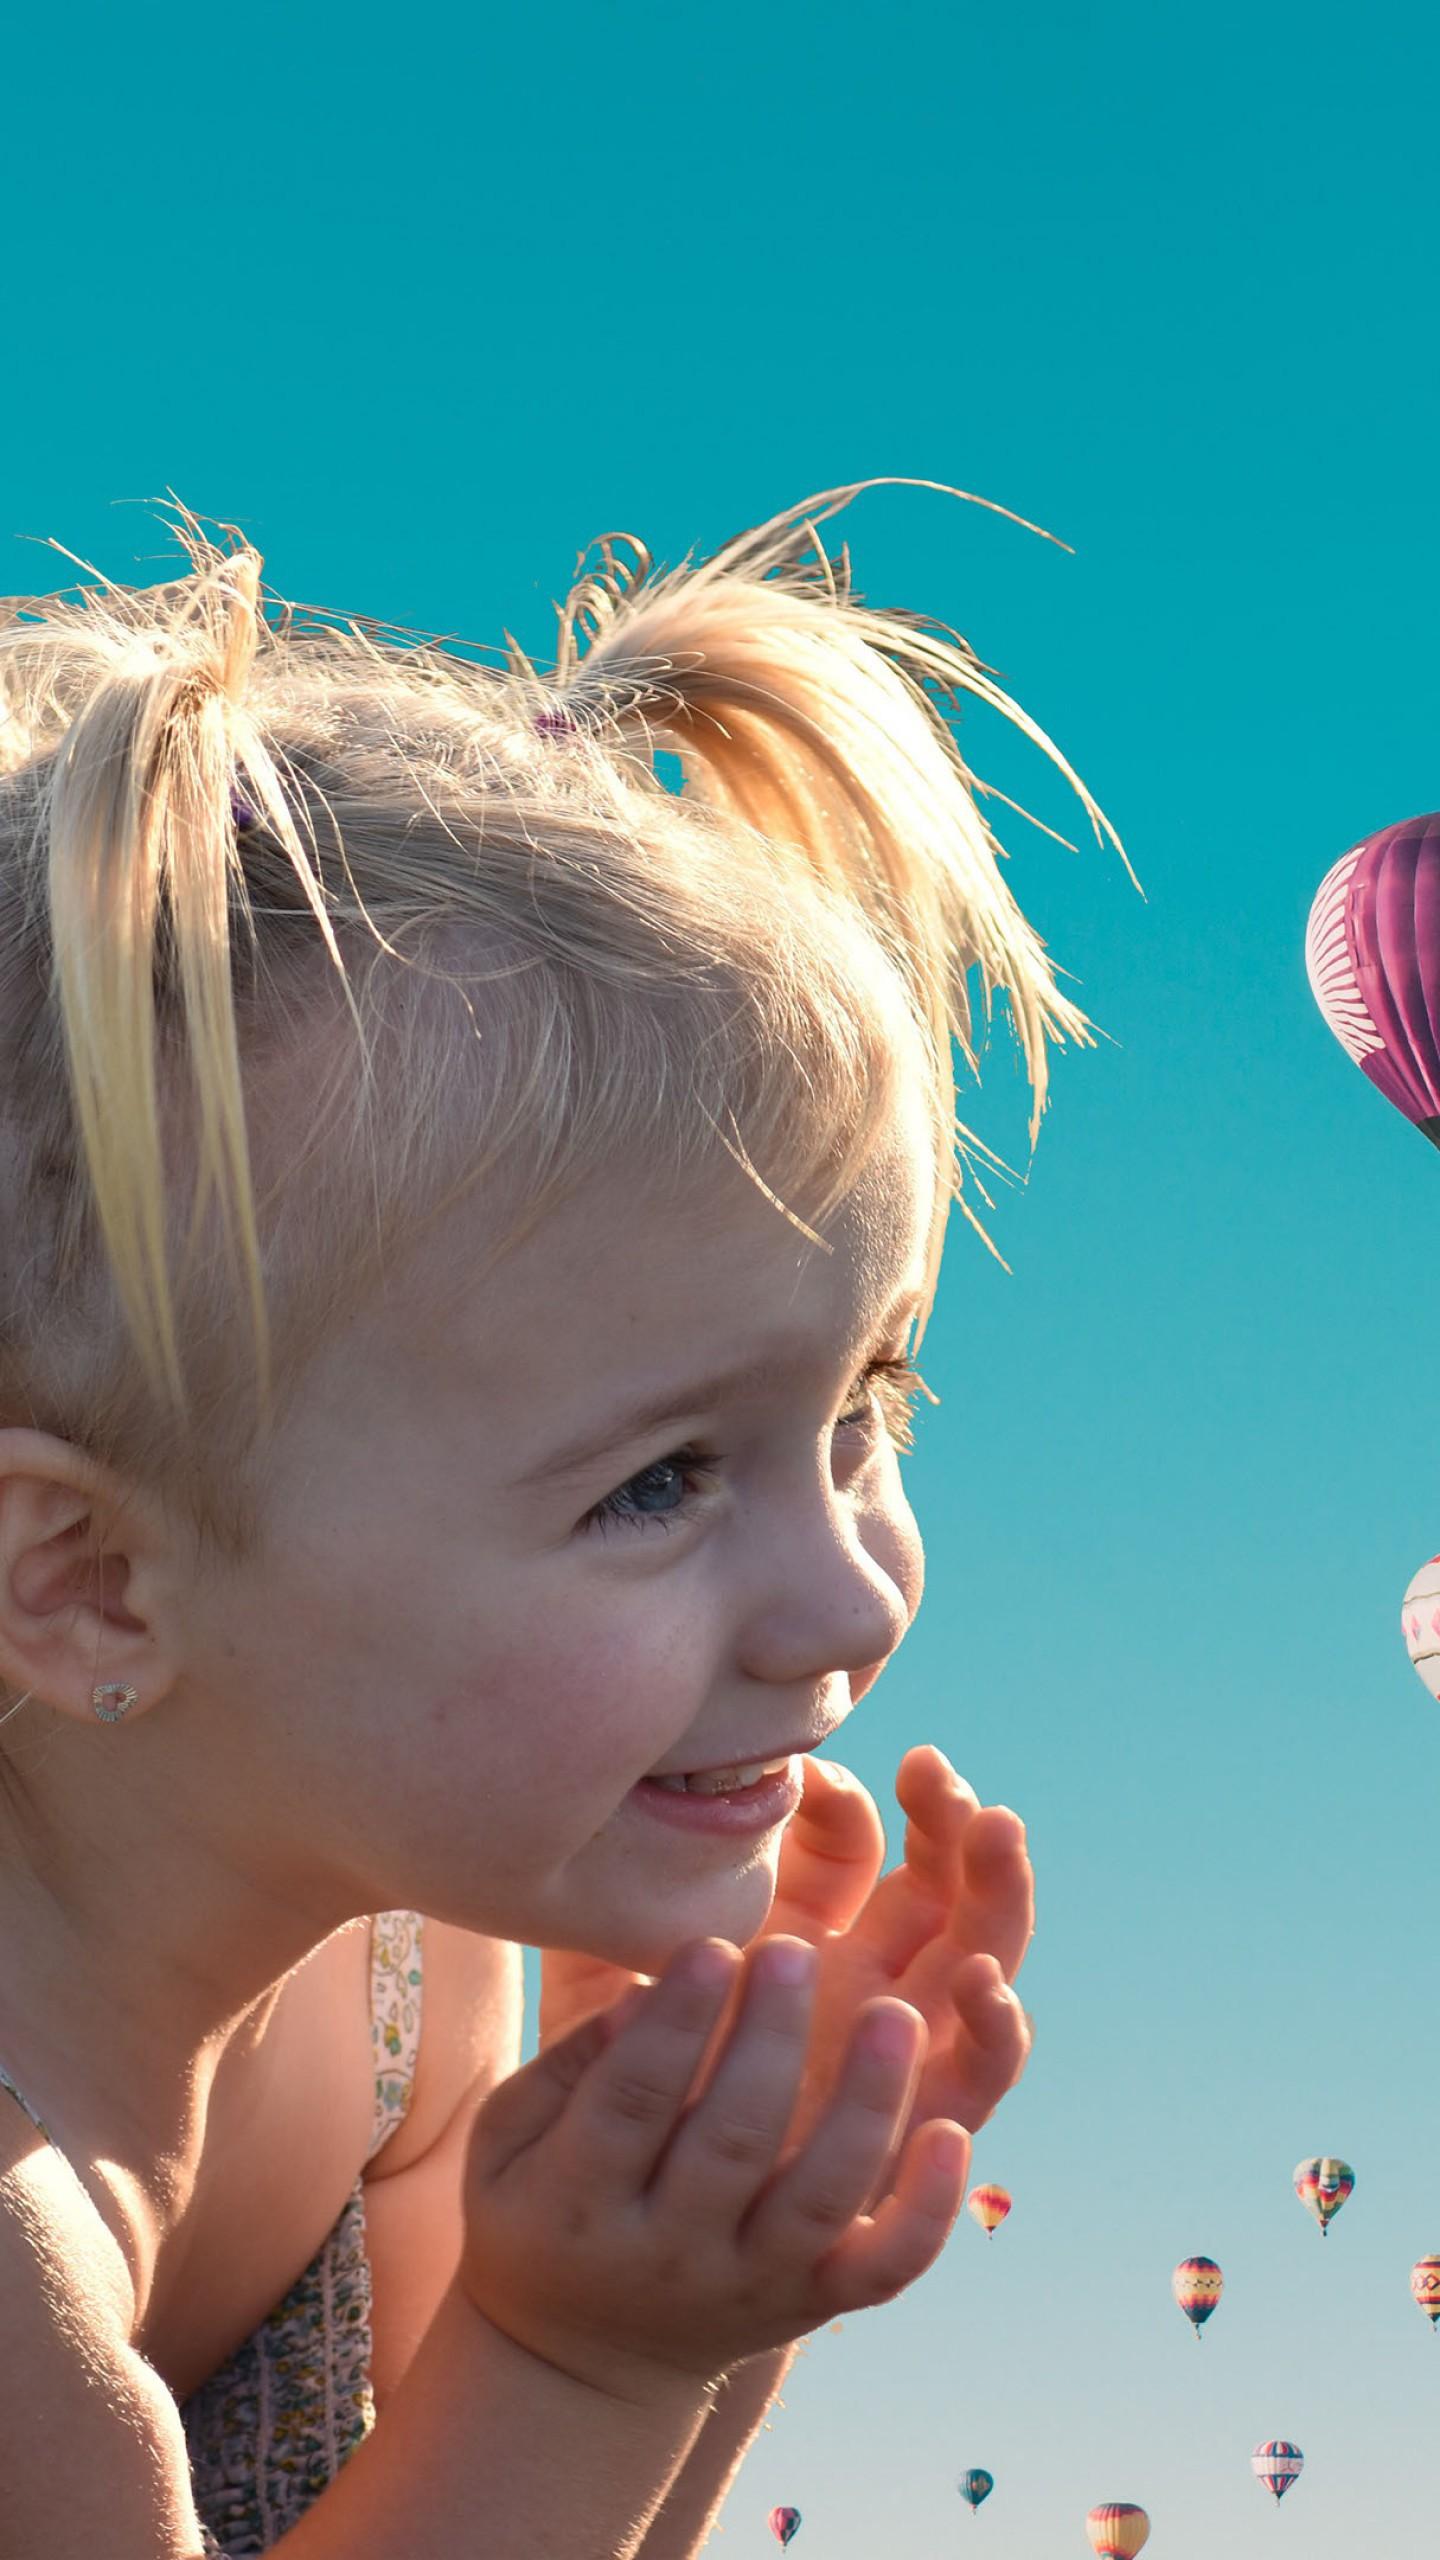 عکس زمینه دختر ناز شاد با بادکنک در هوای گرم پس زمینه